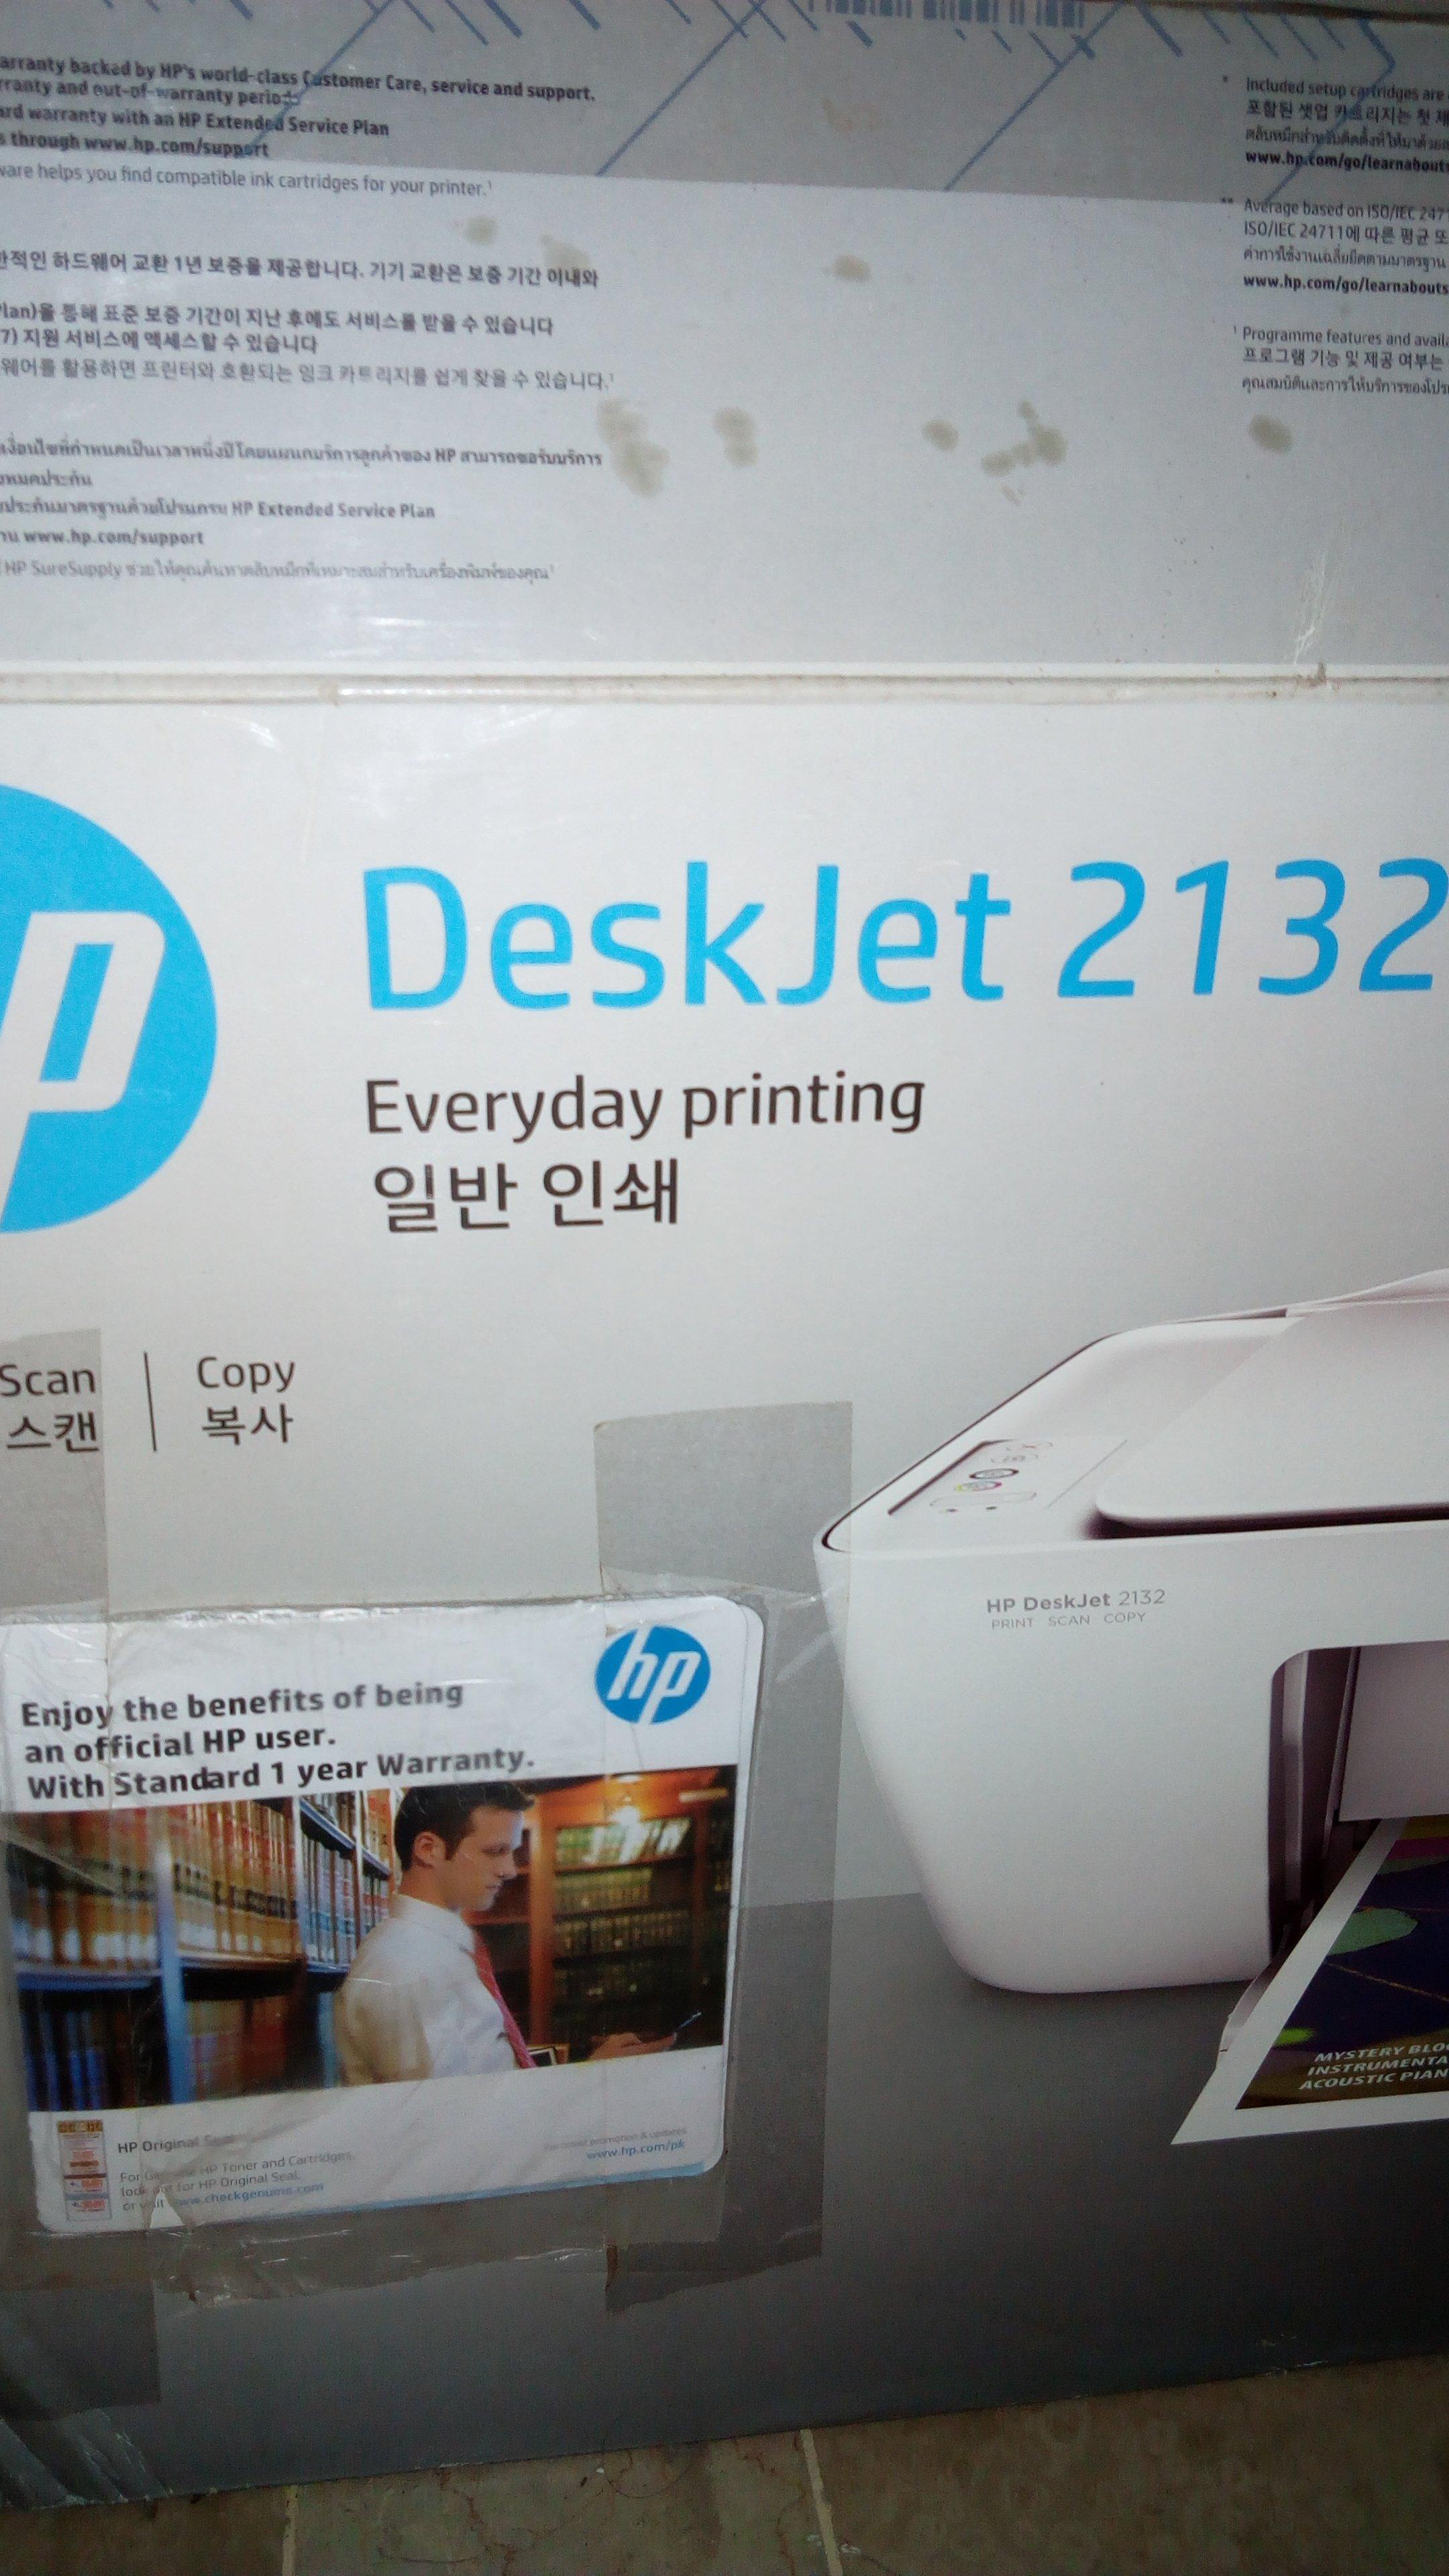 Printer deskjet 2132